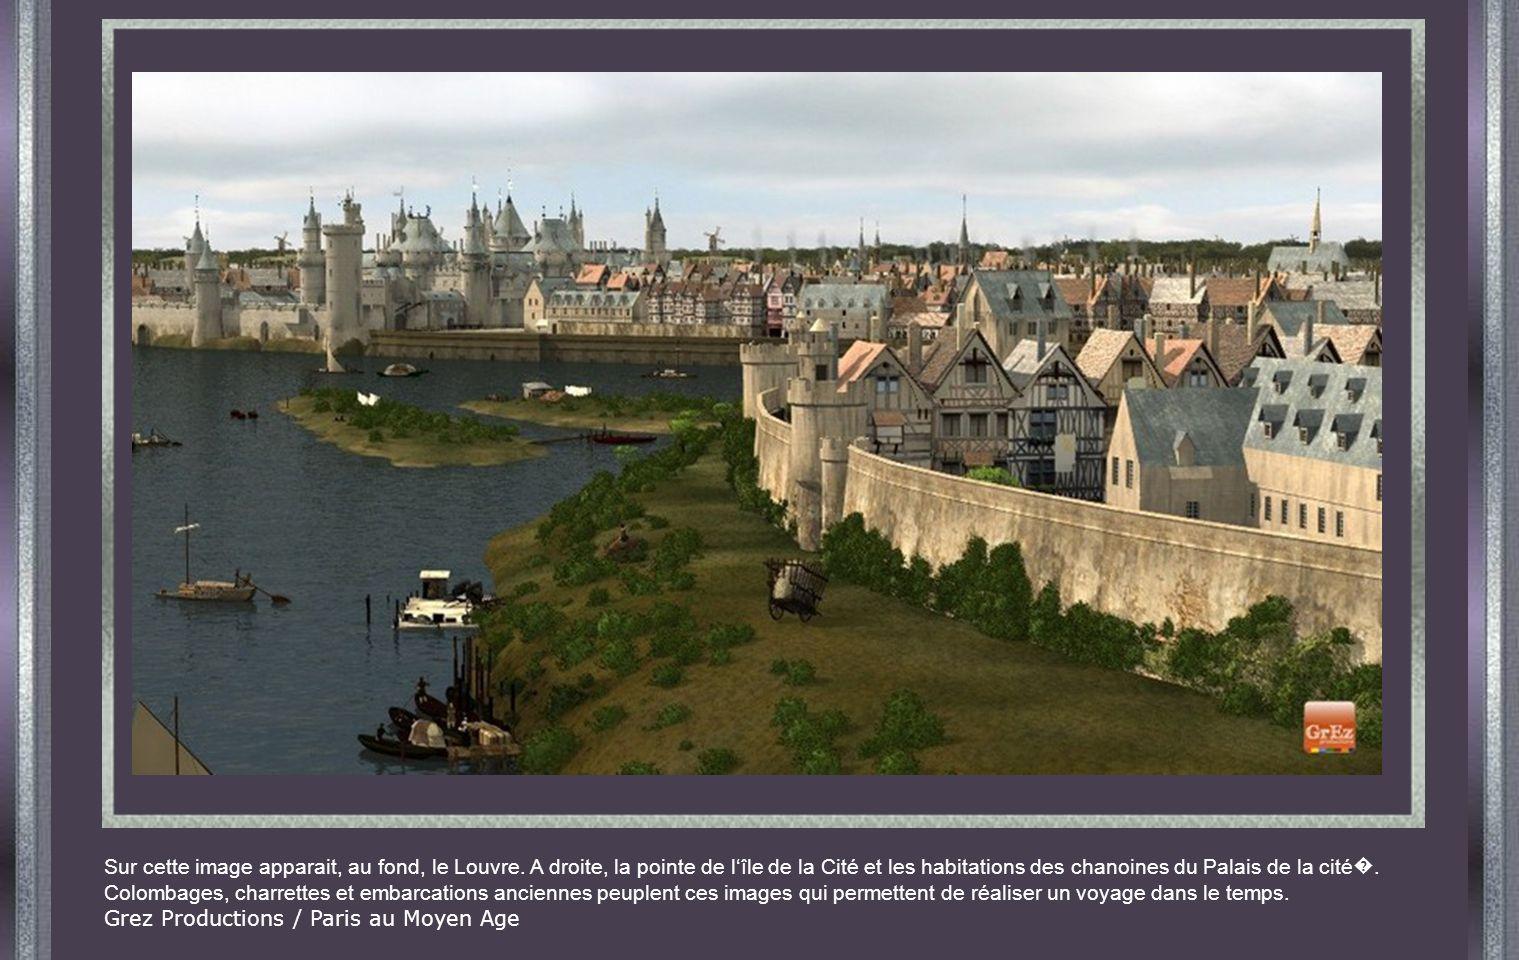 Sur cette image apparait, au fond, le Louvre.